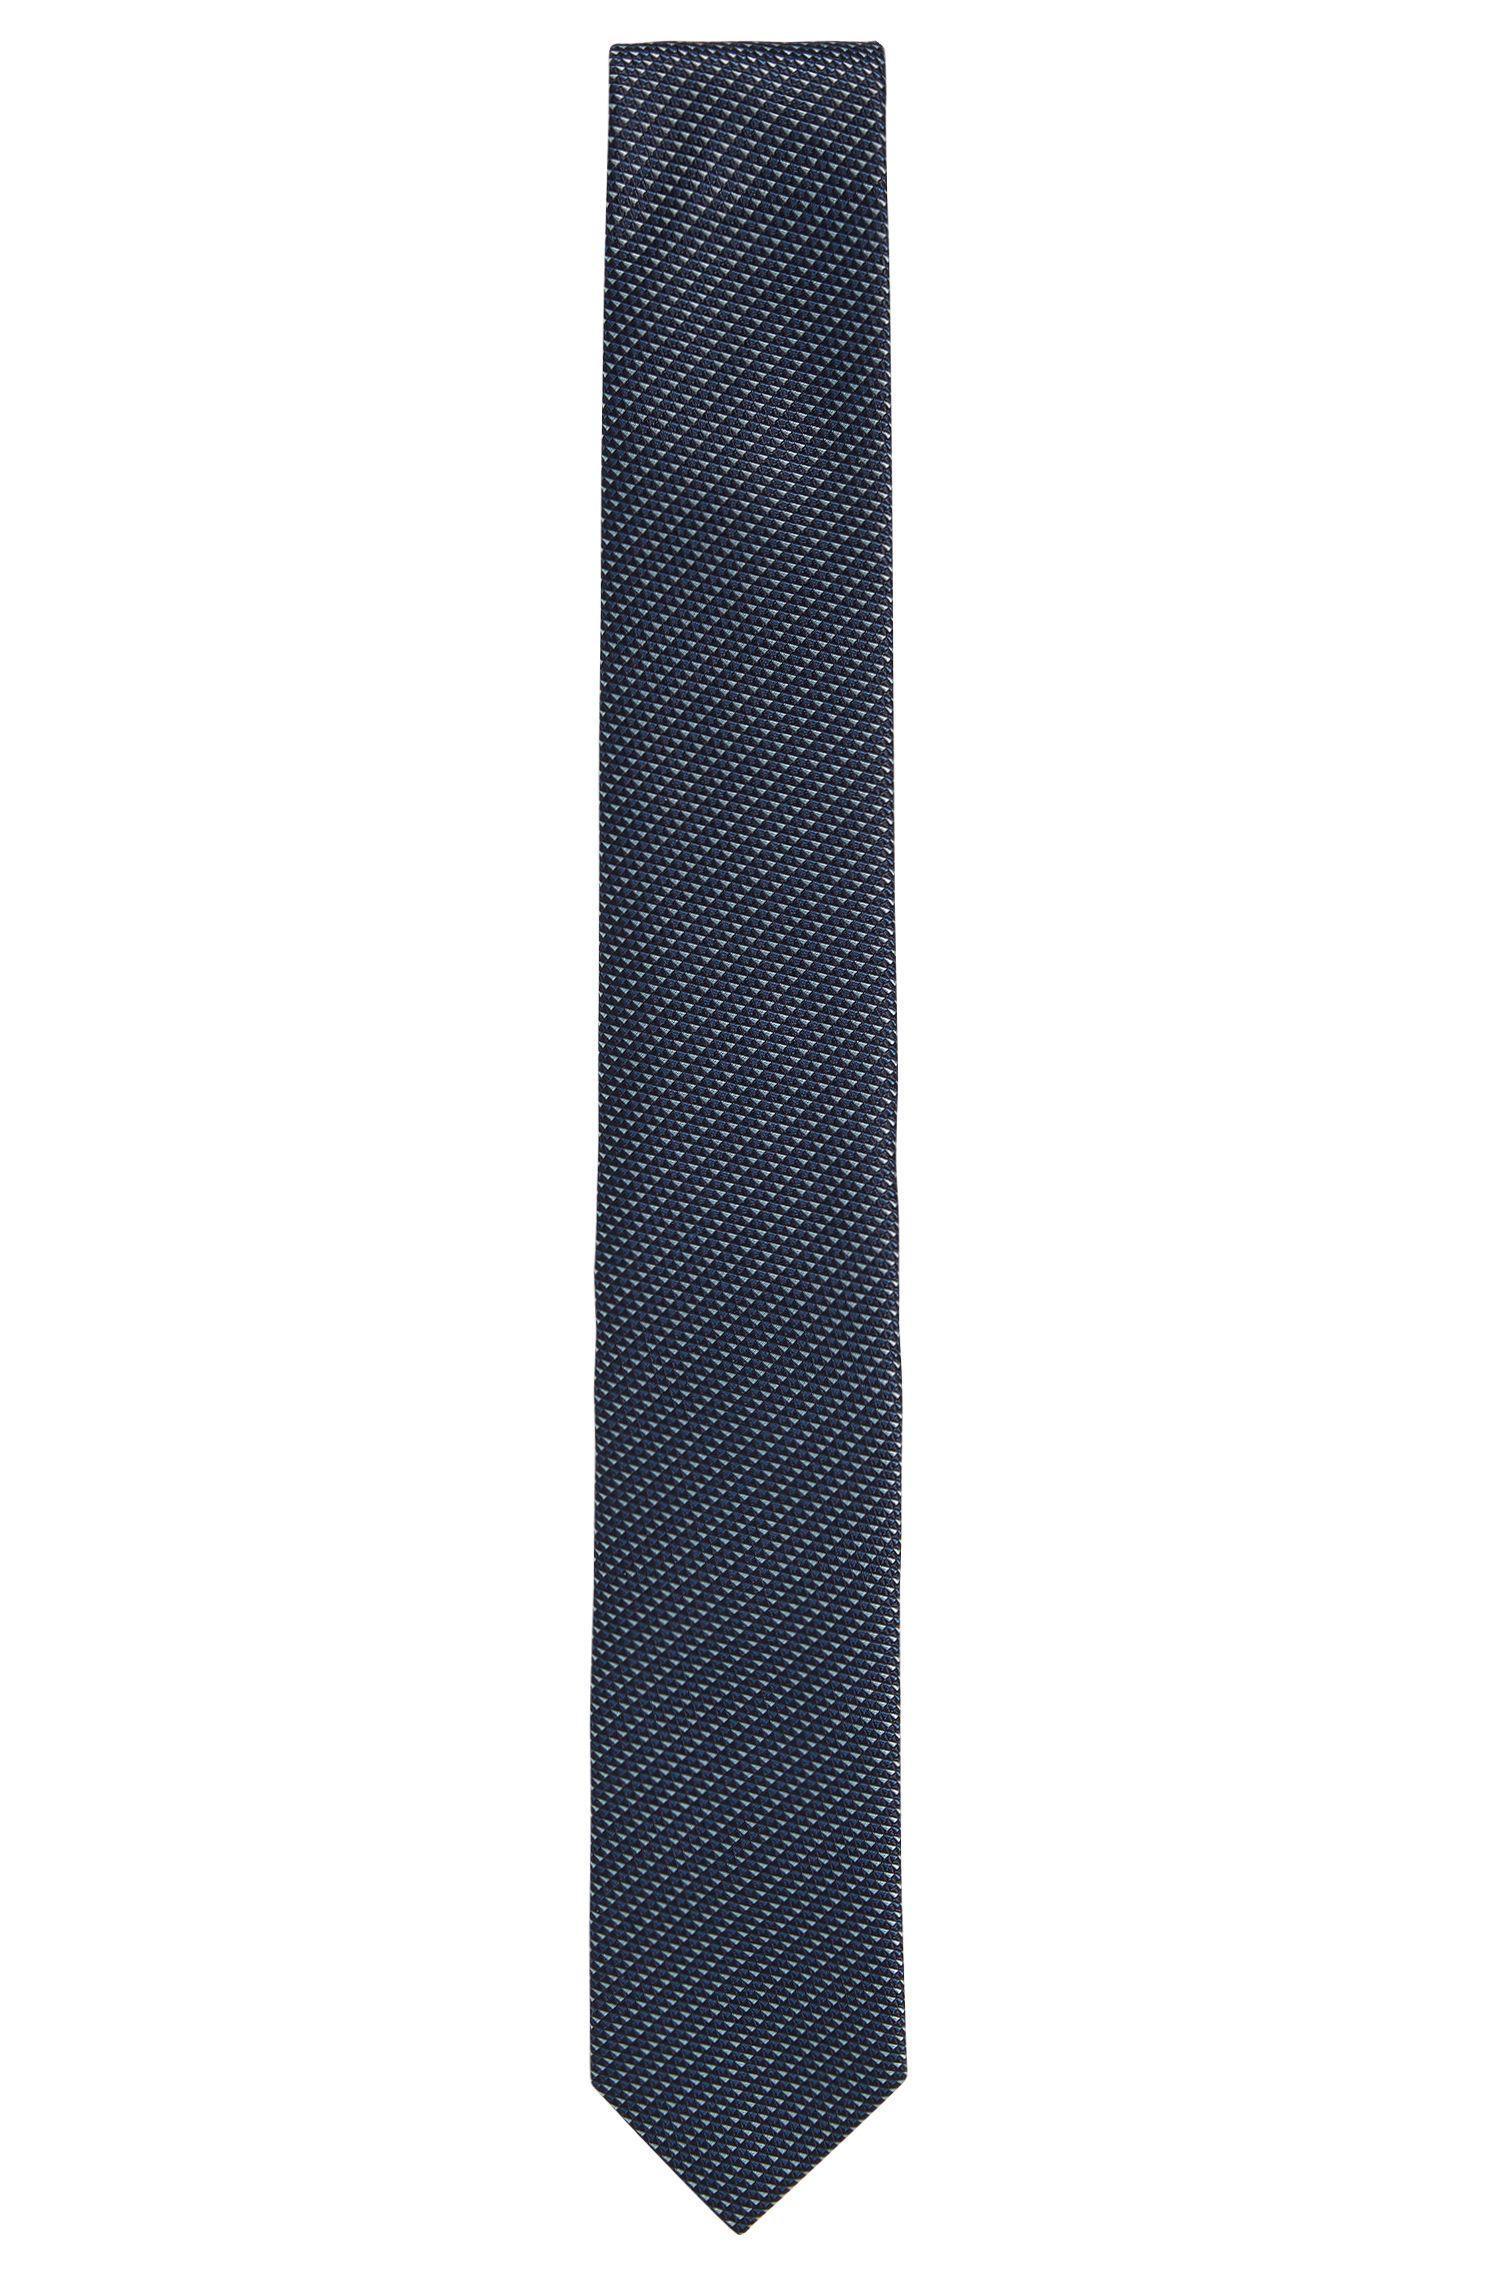 Cravatta in seta con microdisegno intricato